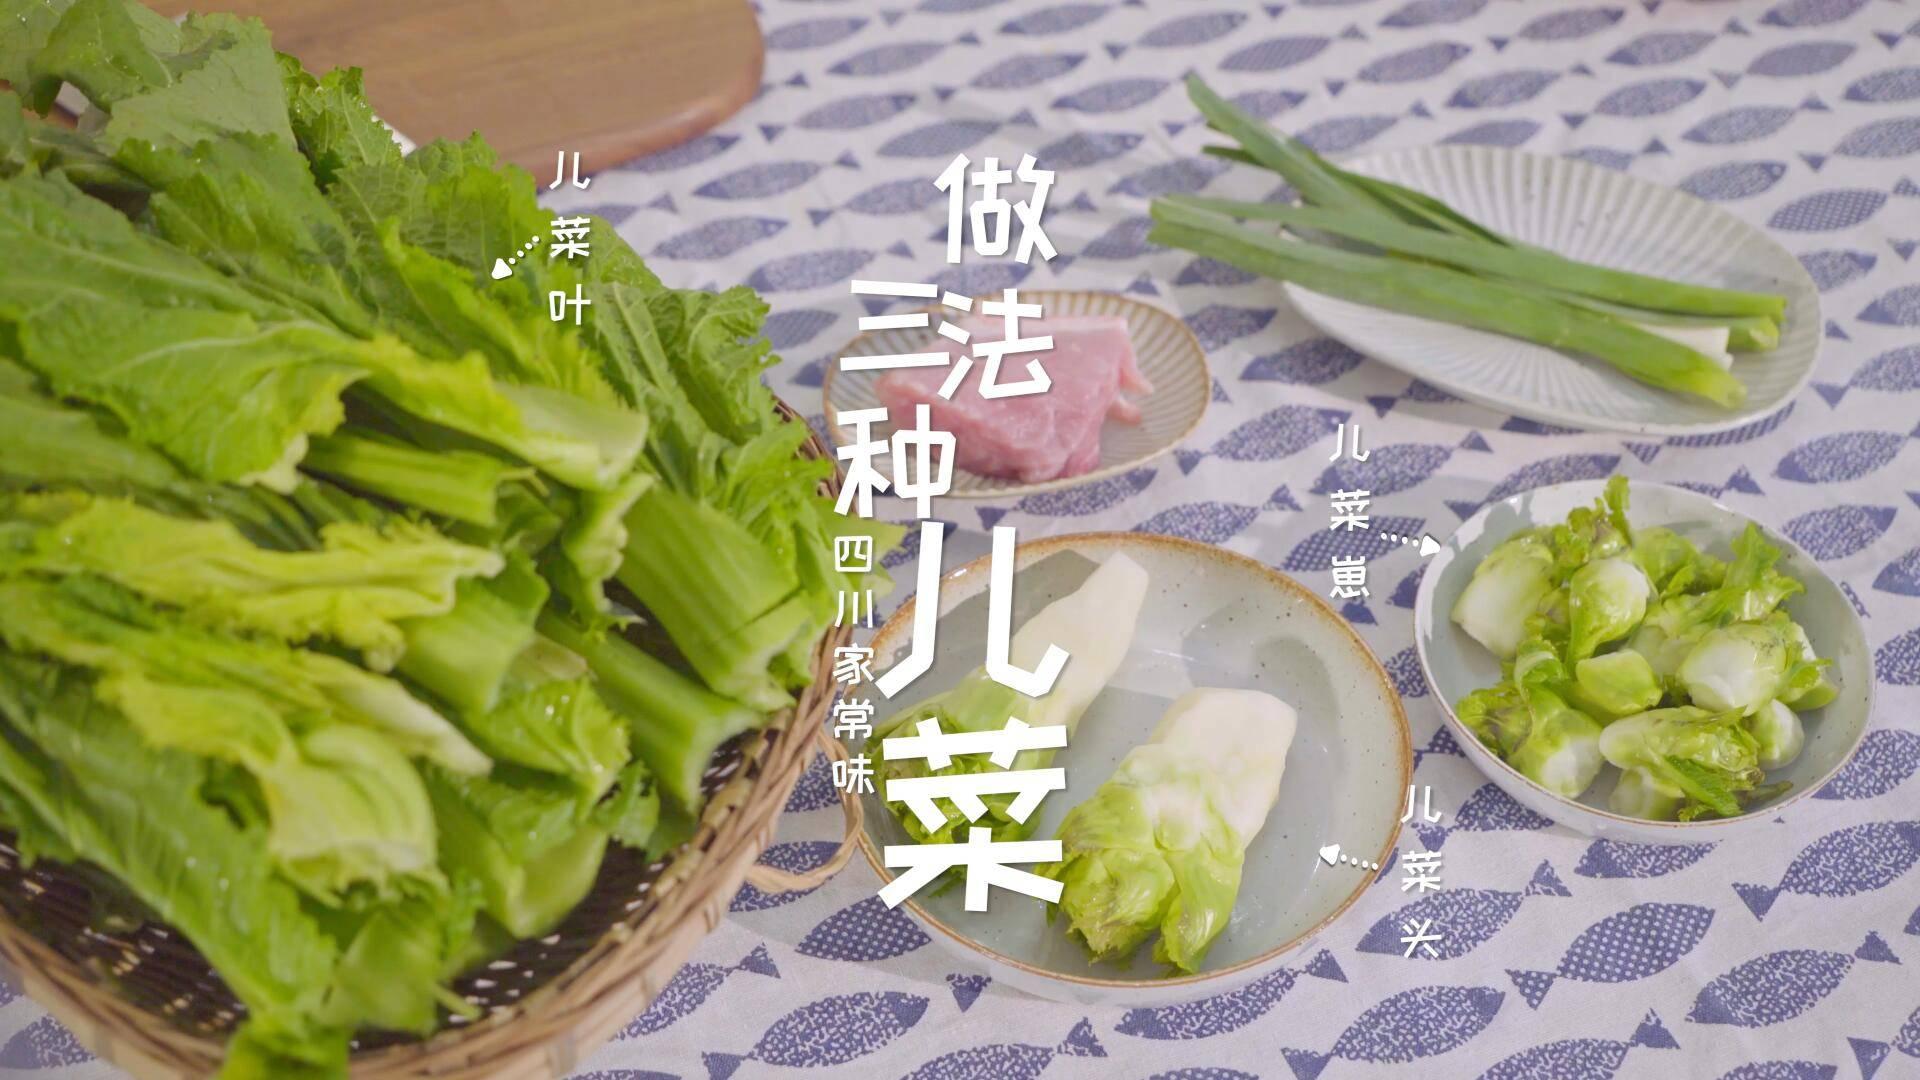 儿菜叶、儿菜崽子、菜头的三个做法,分享给你们,加油武汉